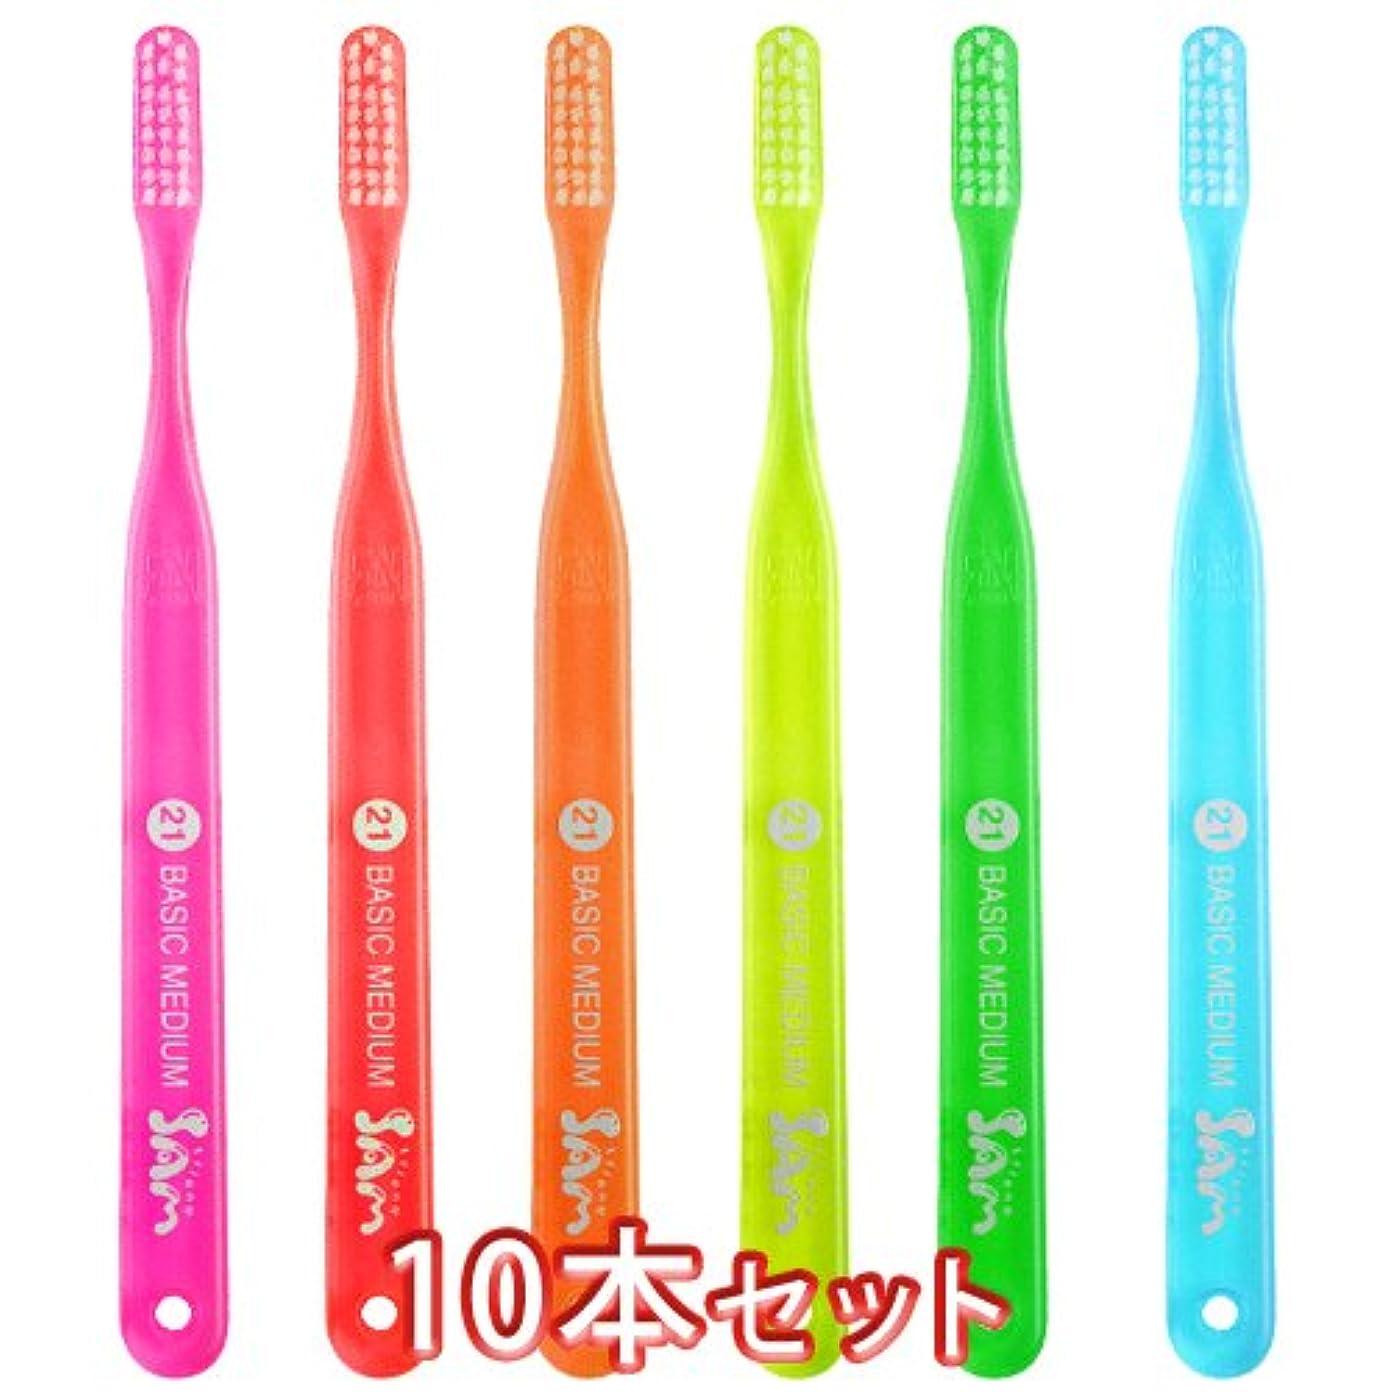 サムフレンド ベーシック 歯ブラシ 10本 (#21)